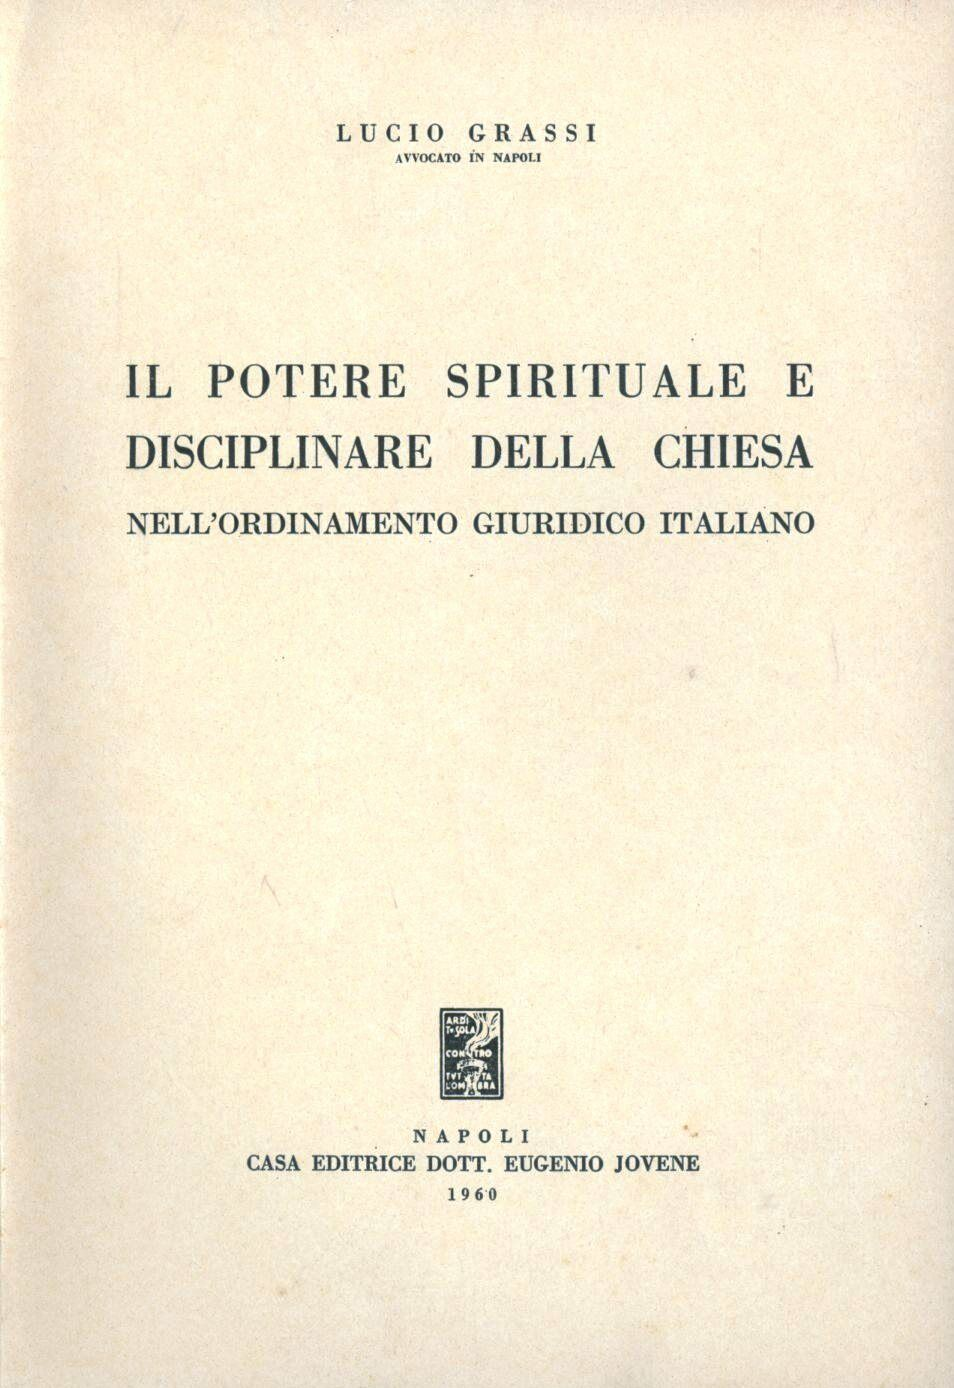 Potere spirituale e disciplinare della Chiesa nell'ordinamento giuridico italiano (Il)